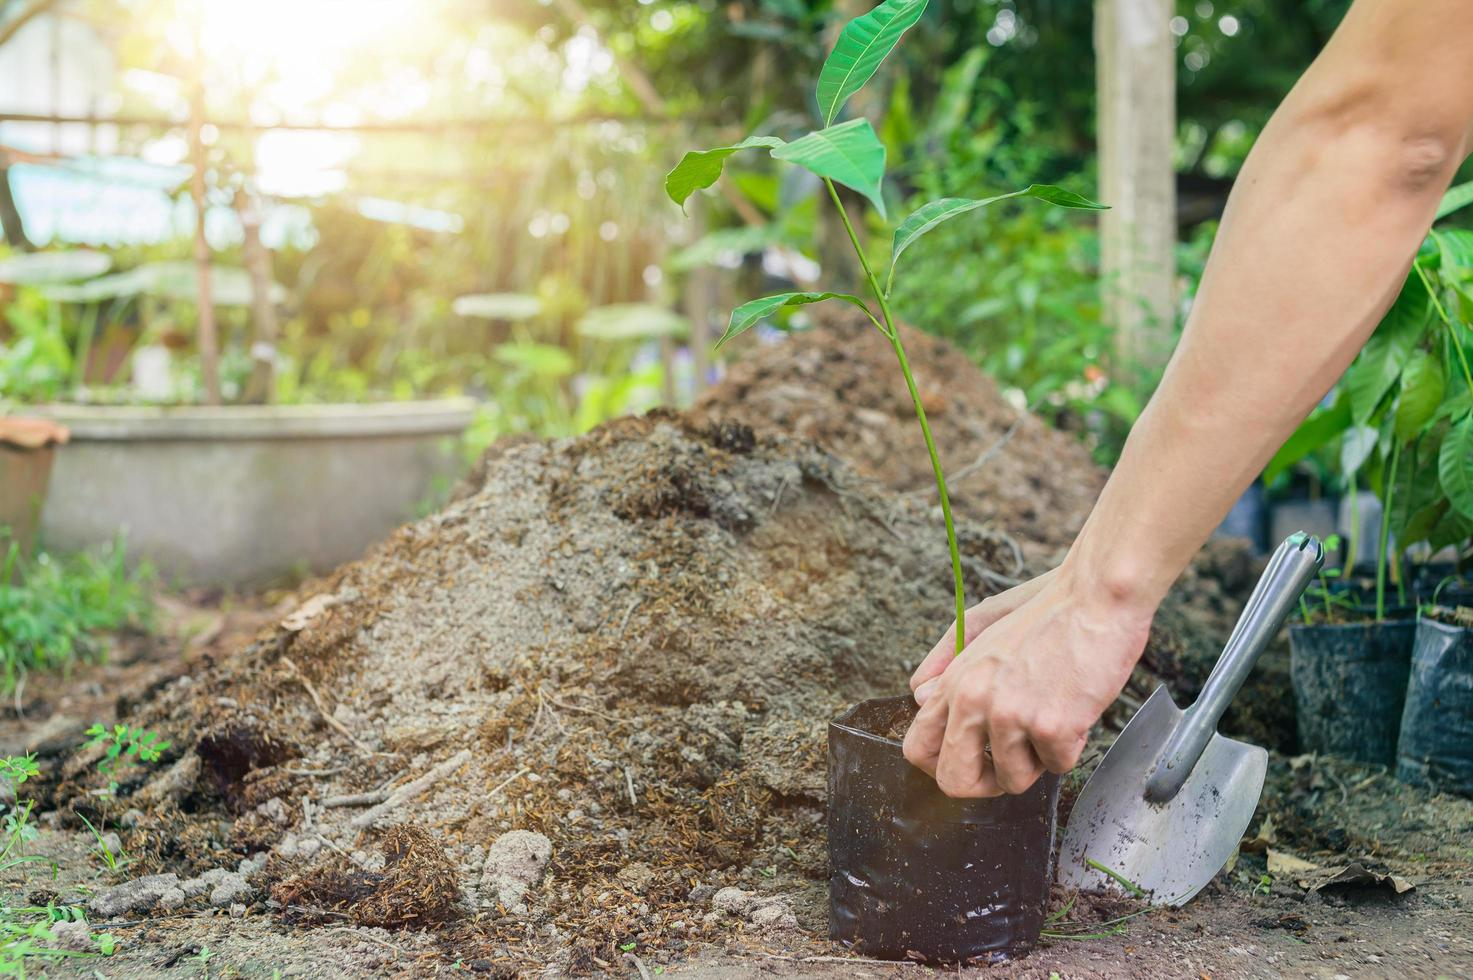 gente plantando árboles en bolsas de plástico. foto